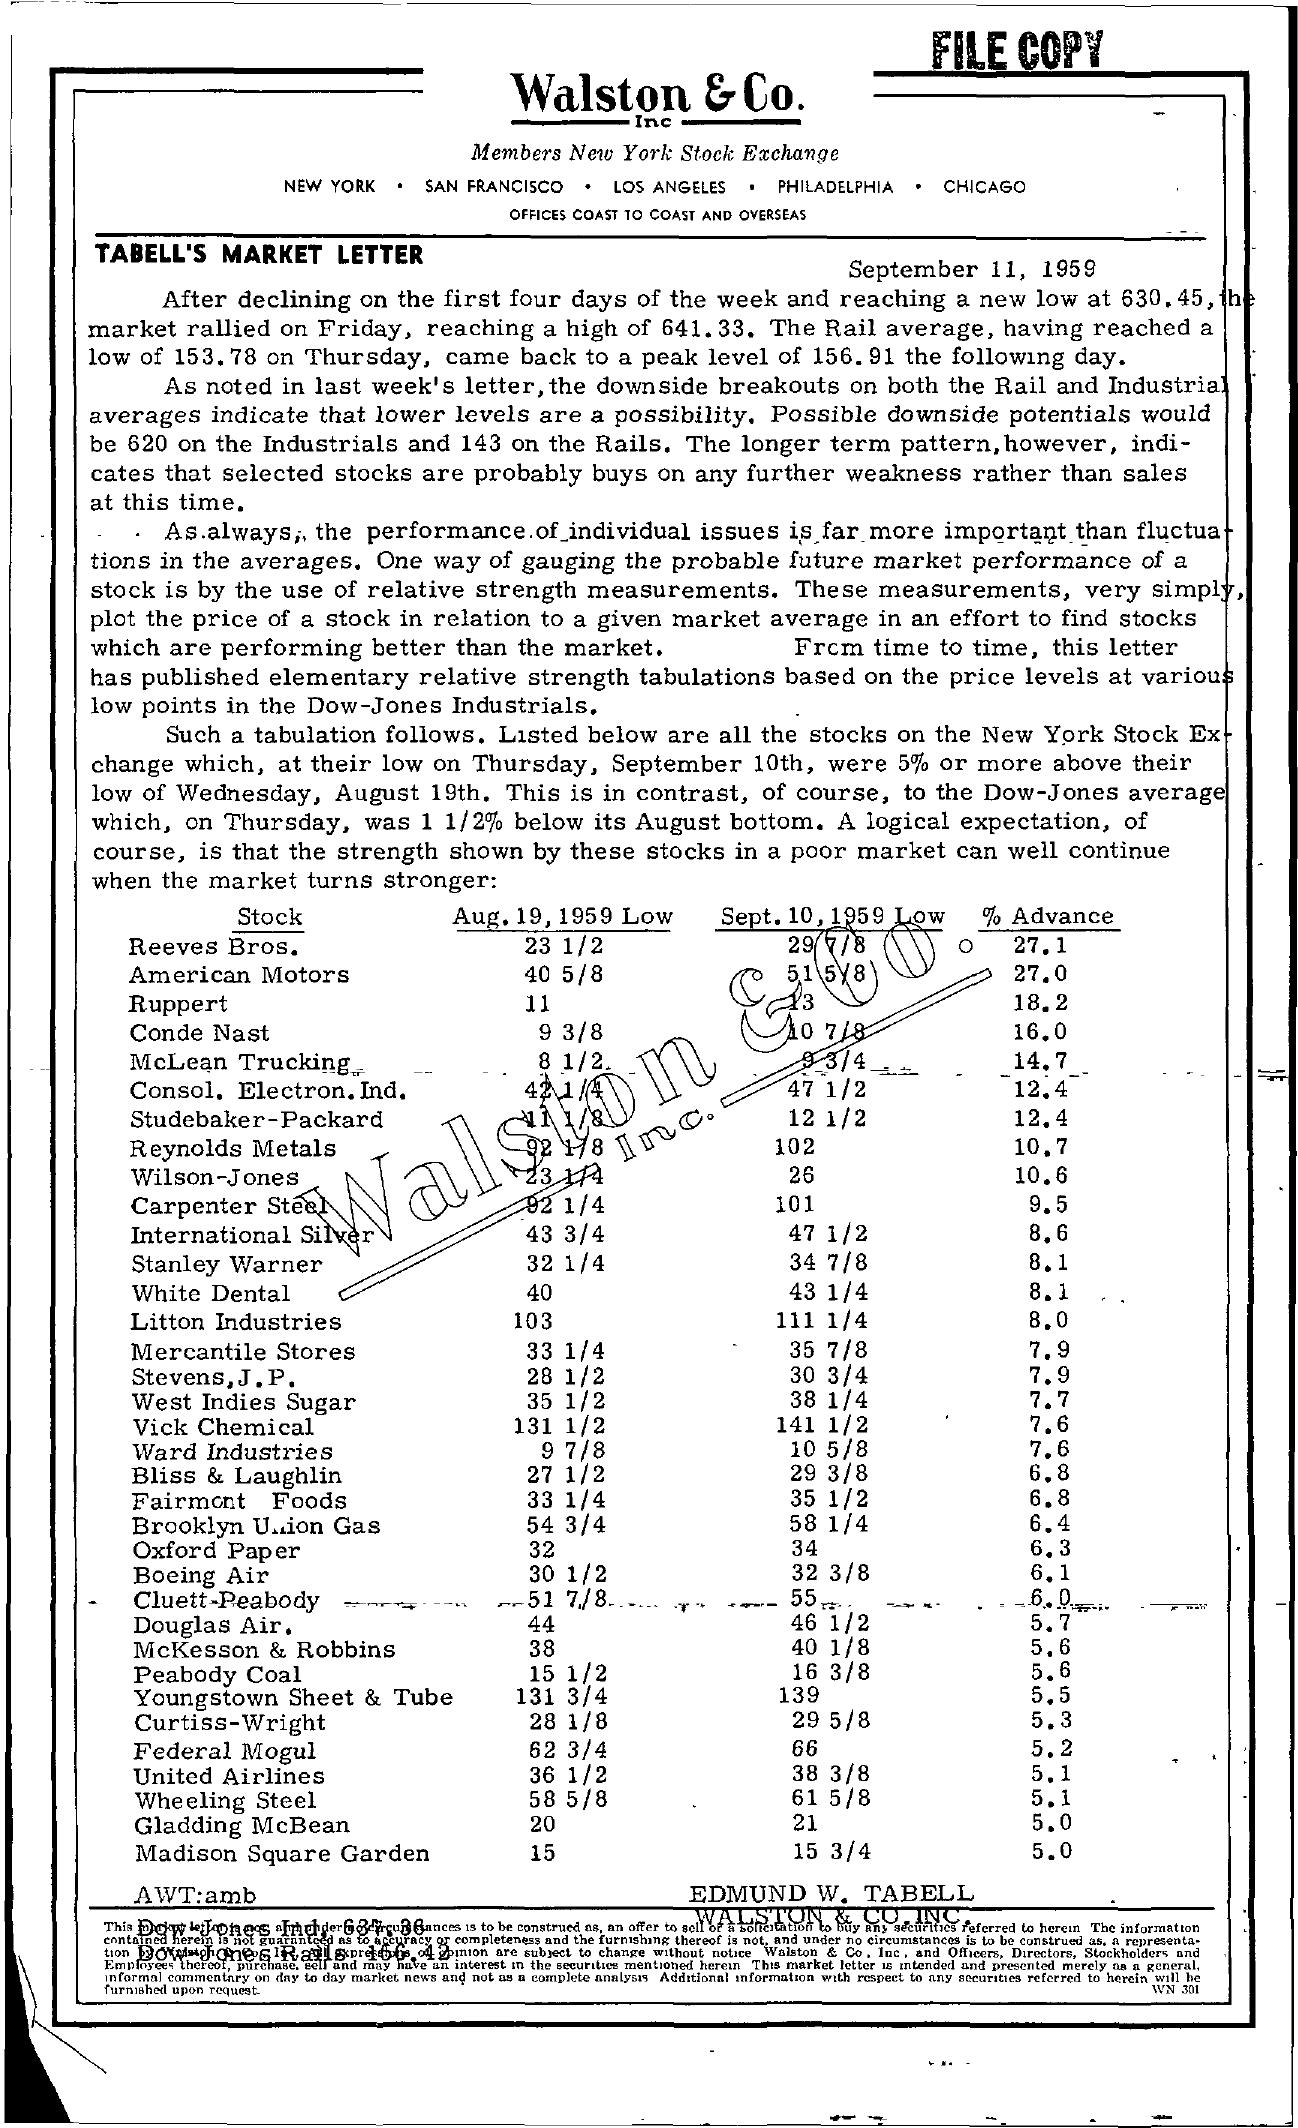 Tabell's Market Letter - September 11, 1959